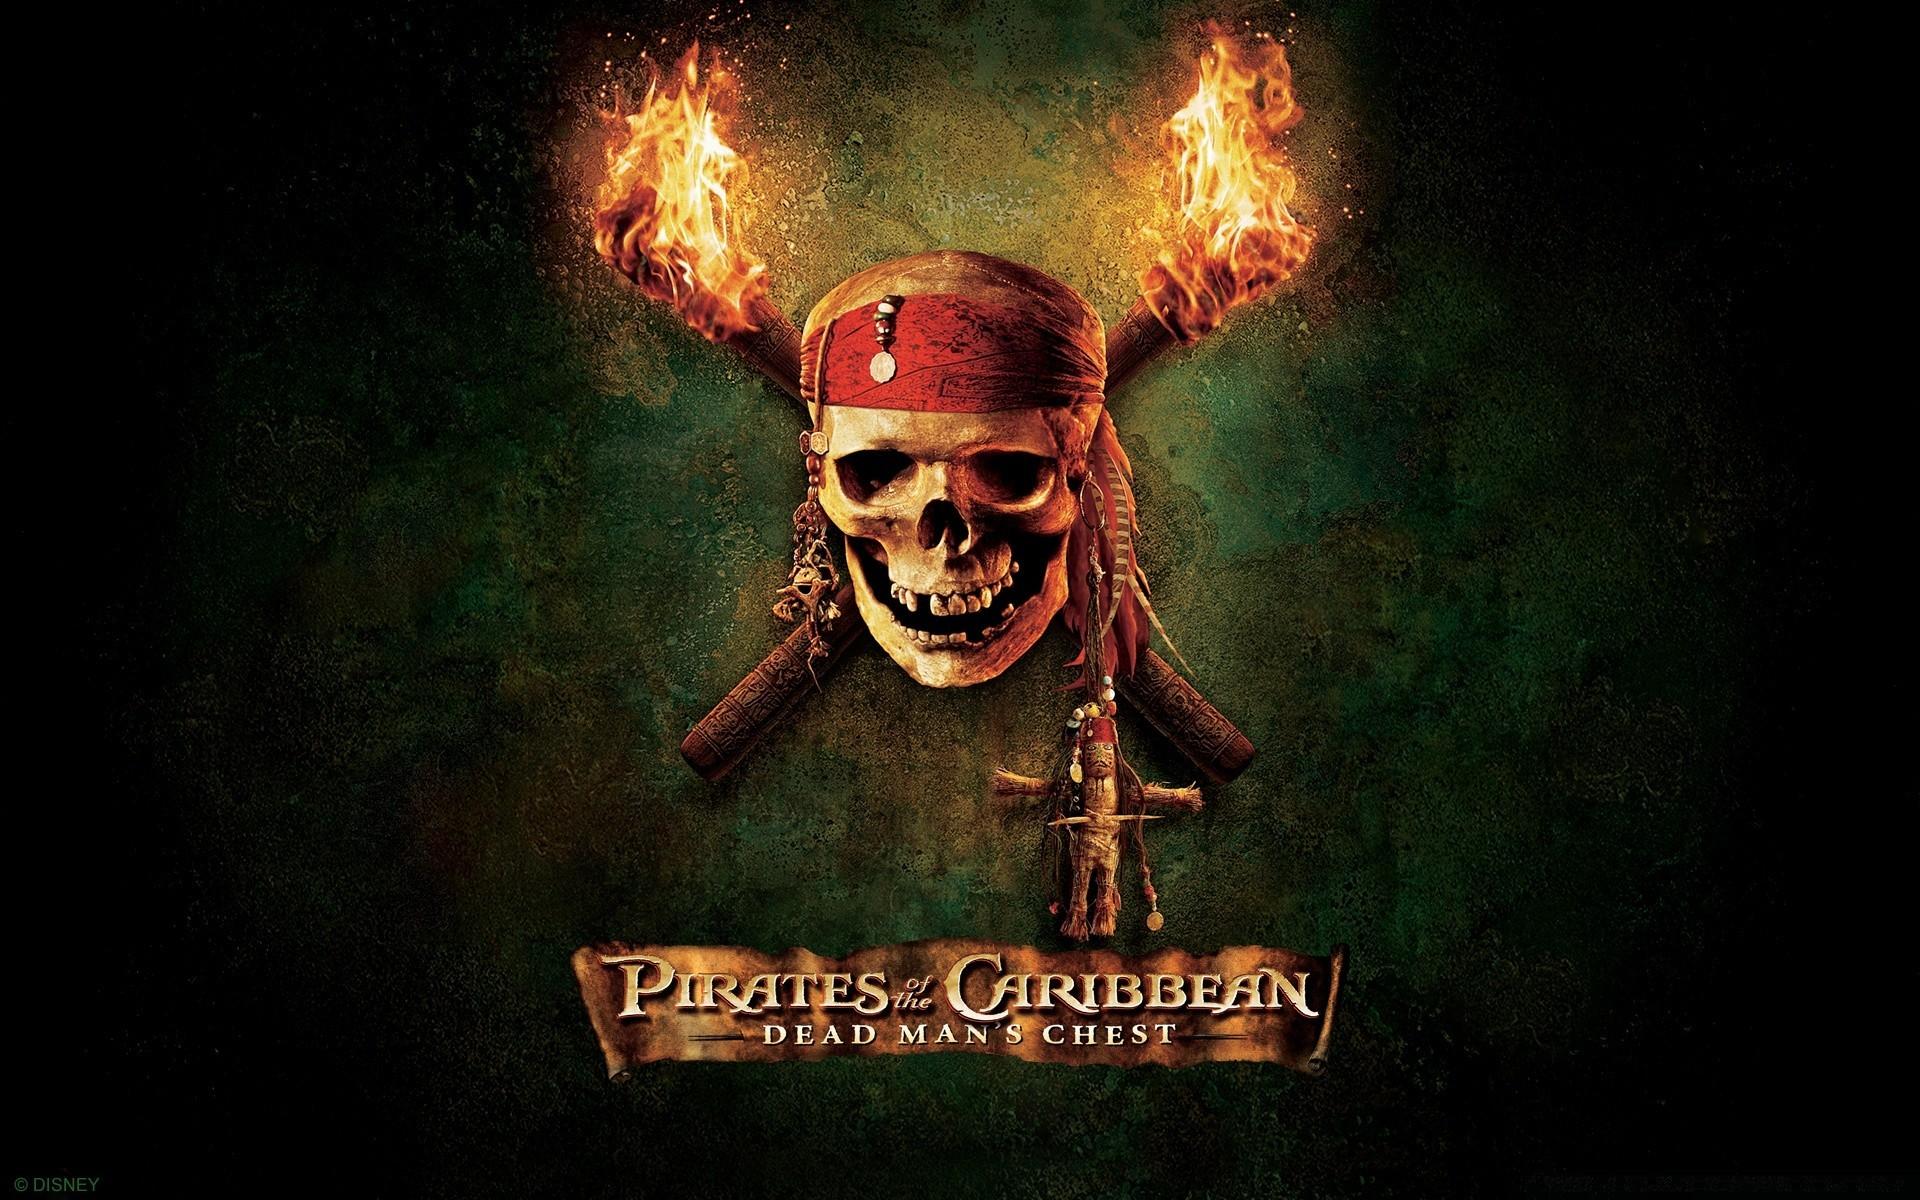 пираты карибского моря 5 обои на рабочий стол 1280х1024 № 220531  скачать